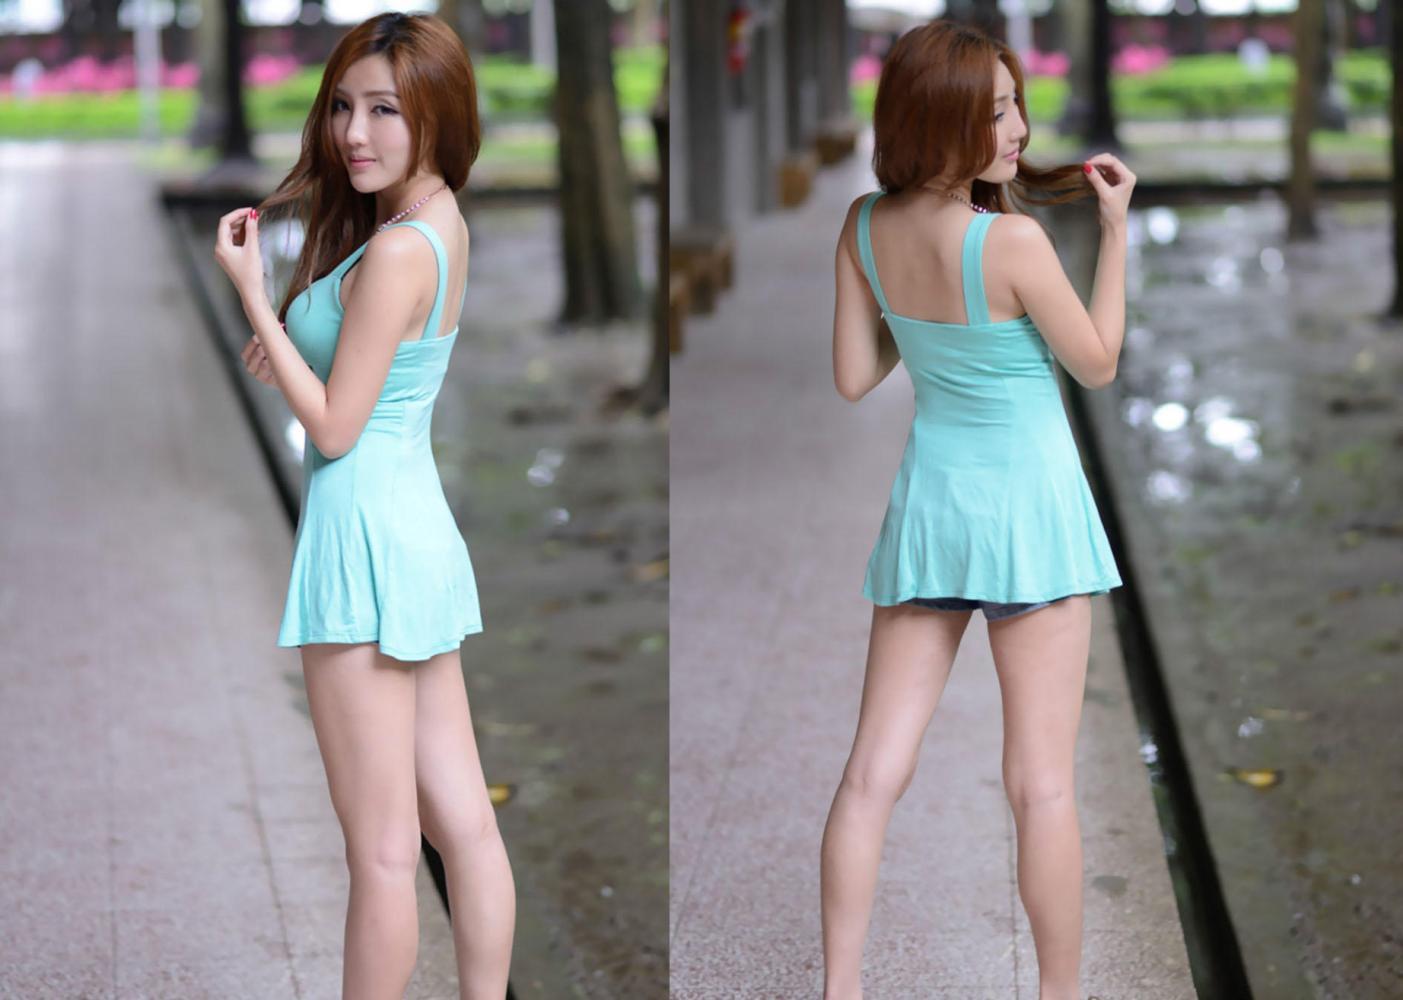 一身蓝色吊带裙 穿出清爽风的小美人味